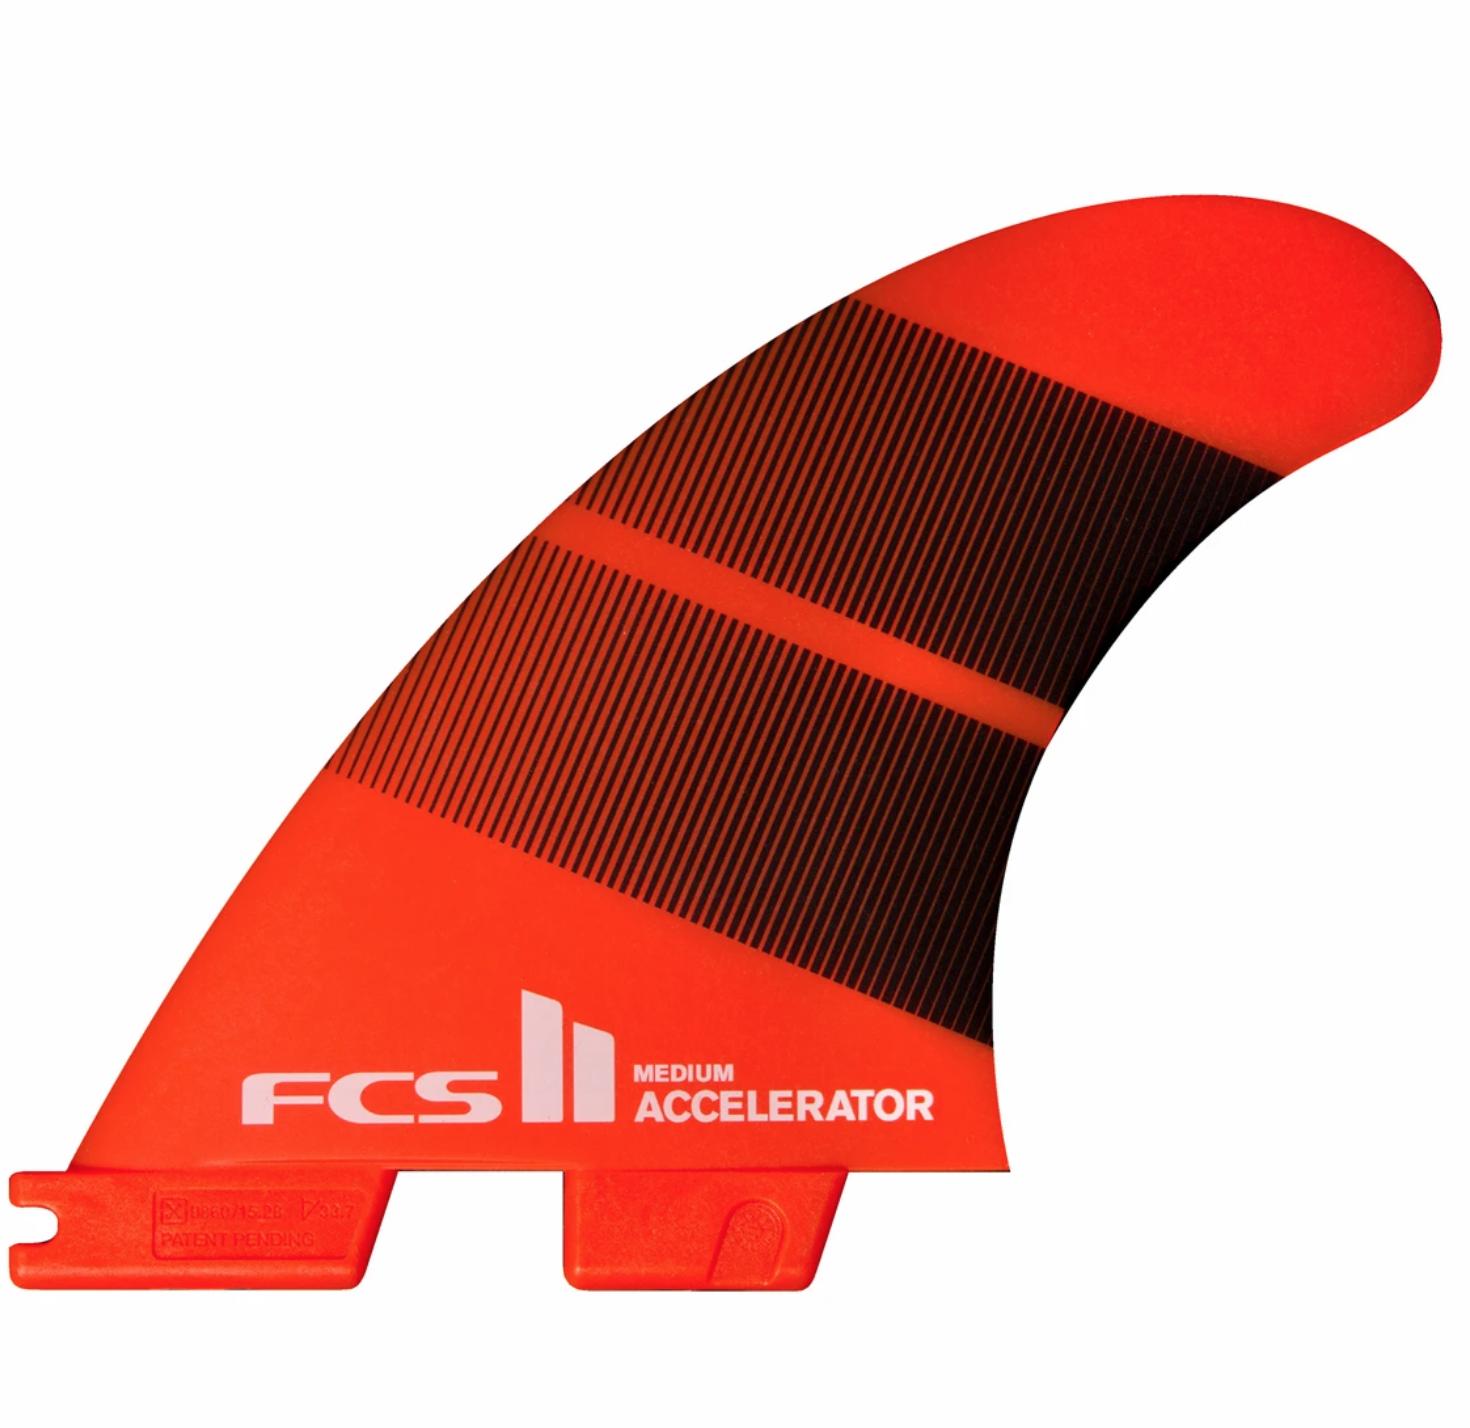 FCS FCS2 ACCELERATOR NEO GLASS LARGE TRI